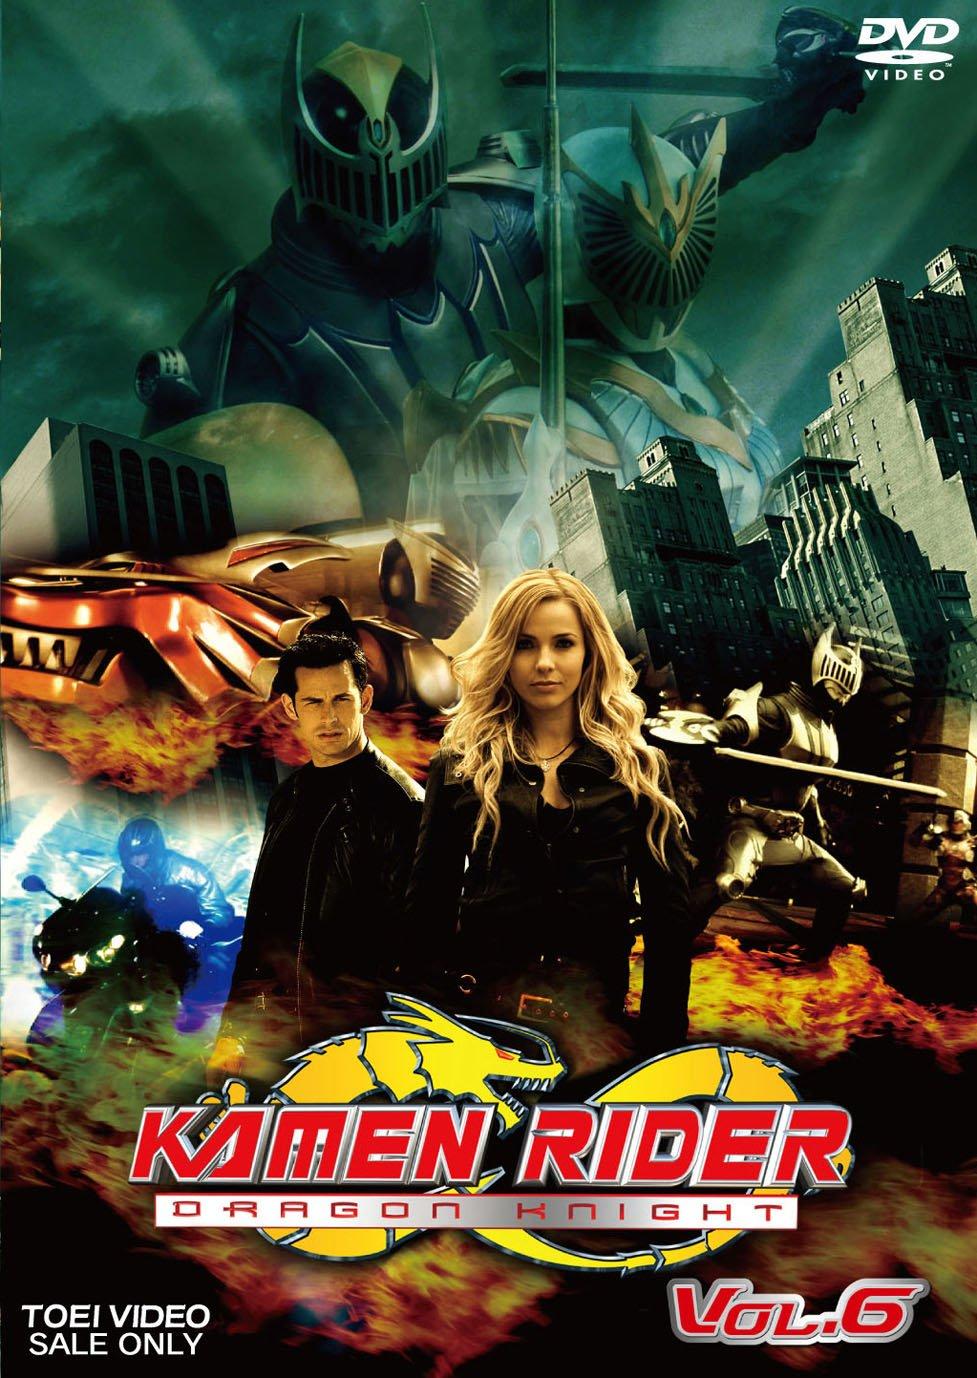 Kamen Rider Dragon Knight Dvd Dvd Kamen Rider Dragon Knight